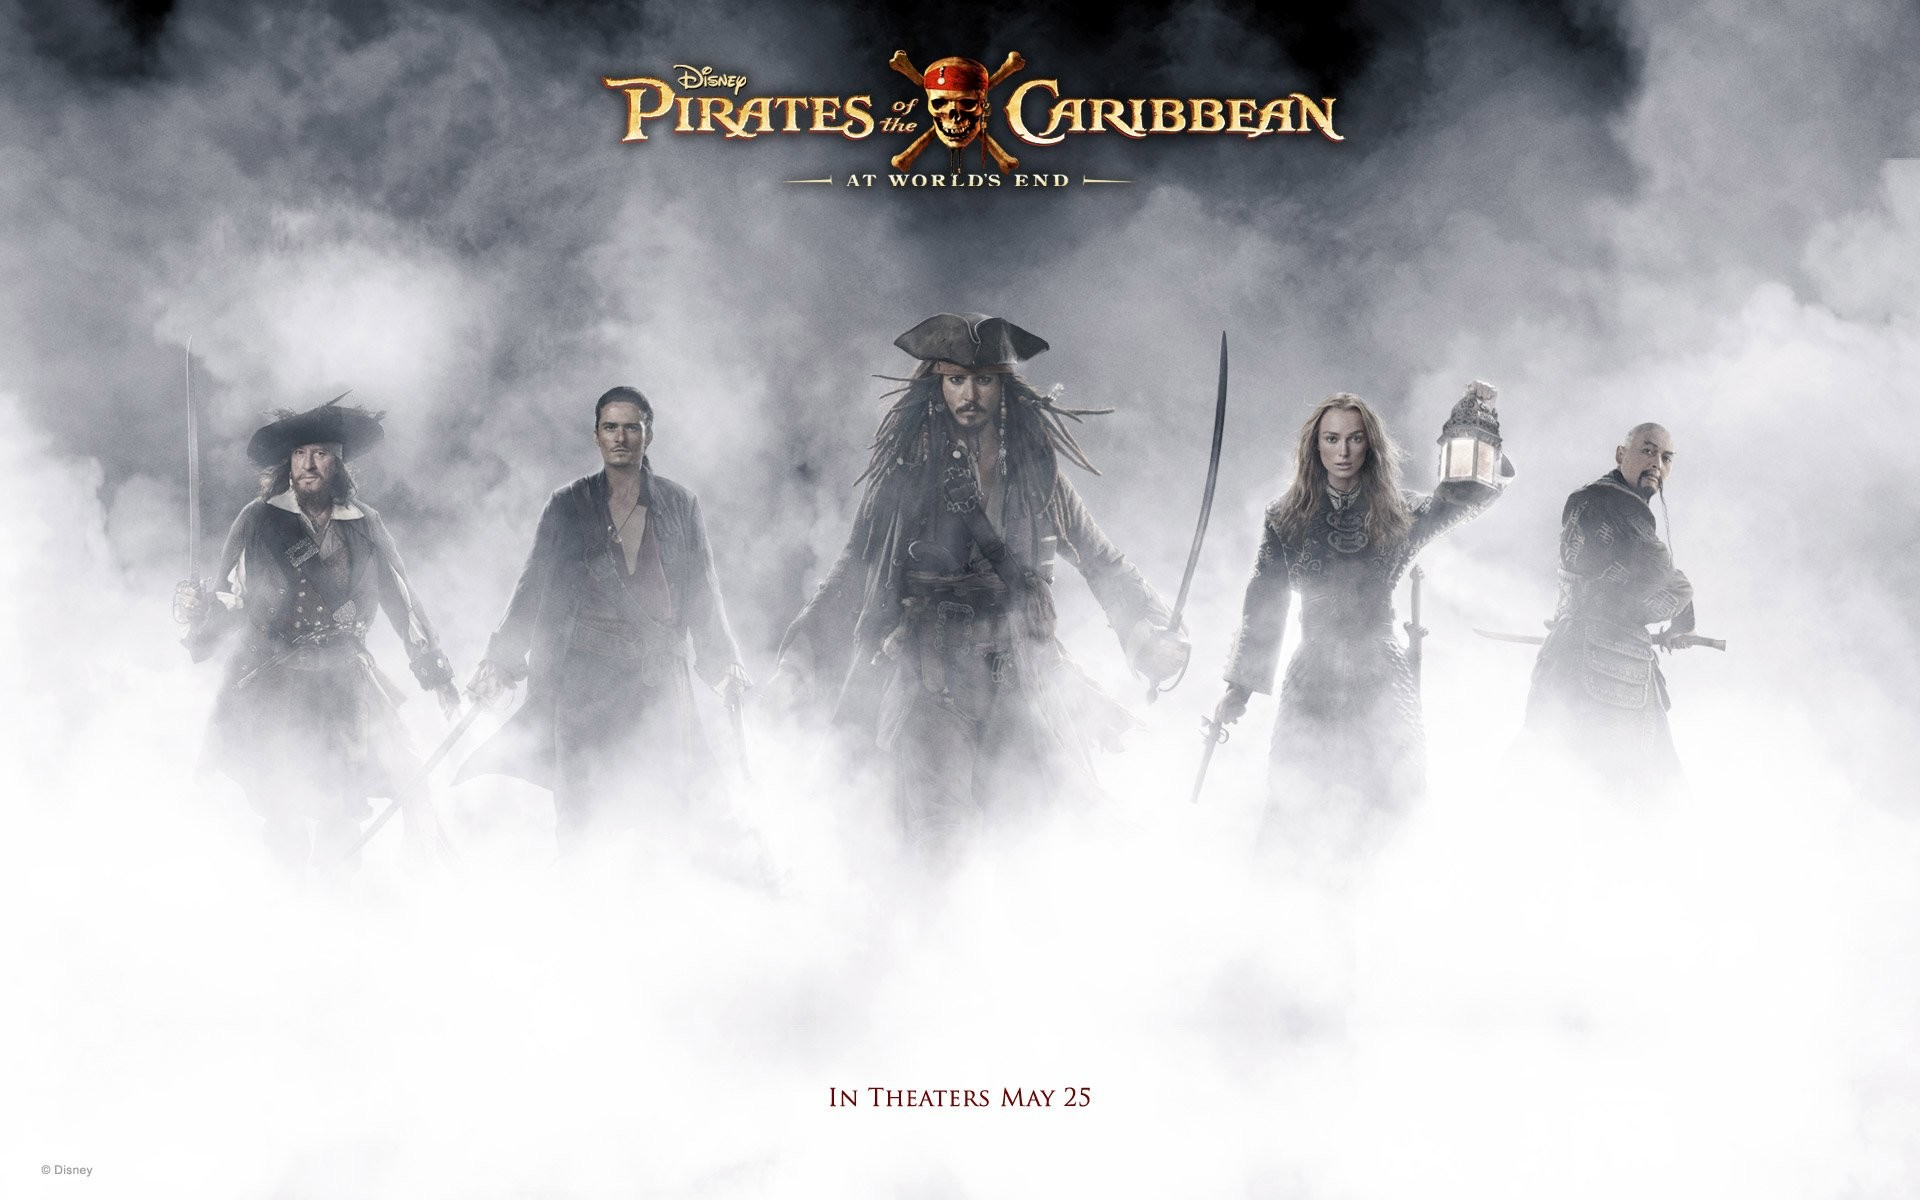 Captain Jack Sparrow Wallpaper (53+ Images